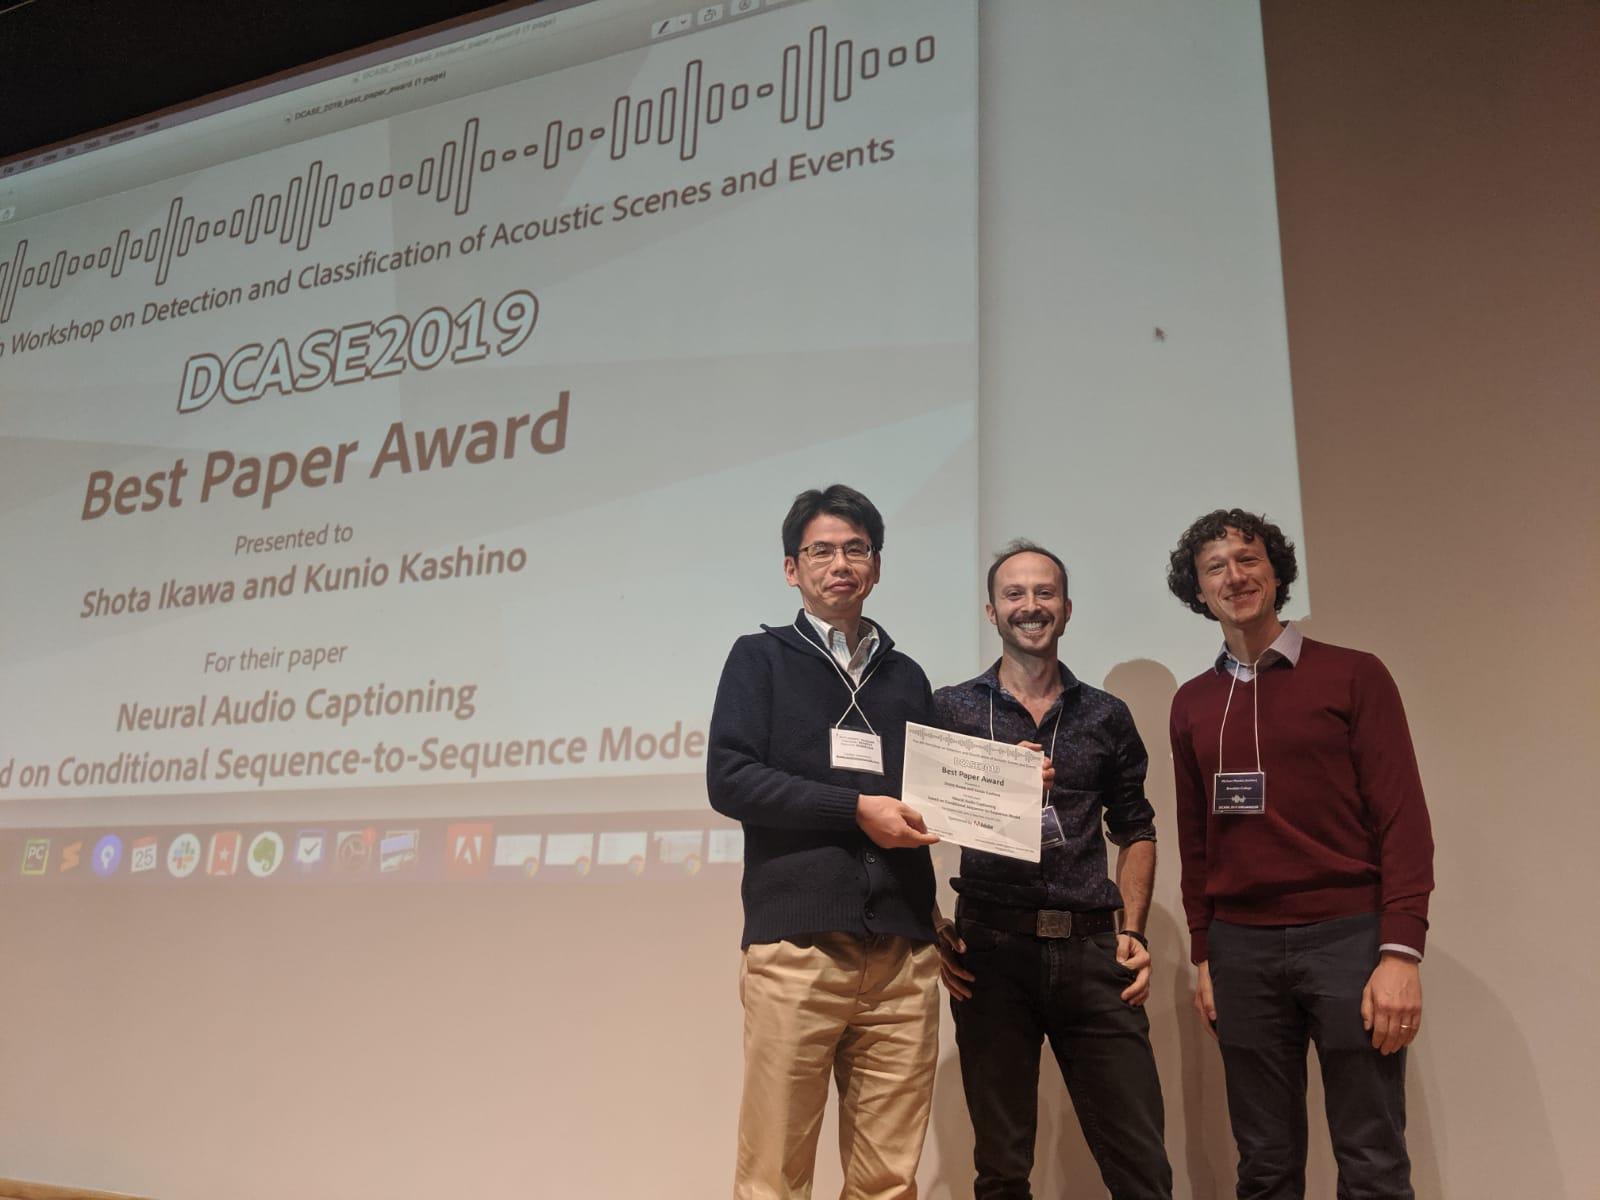 DCASE 2019 Best Paper Award